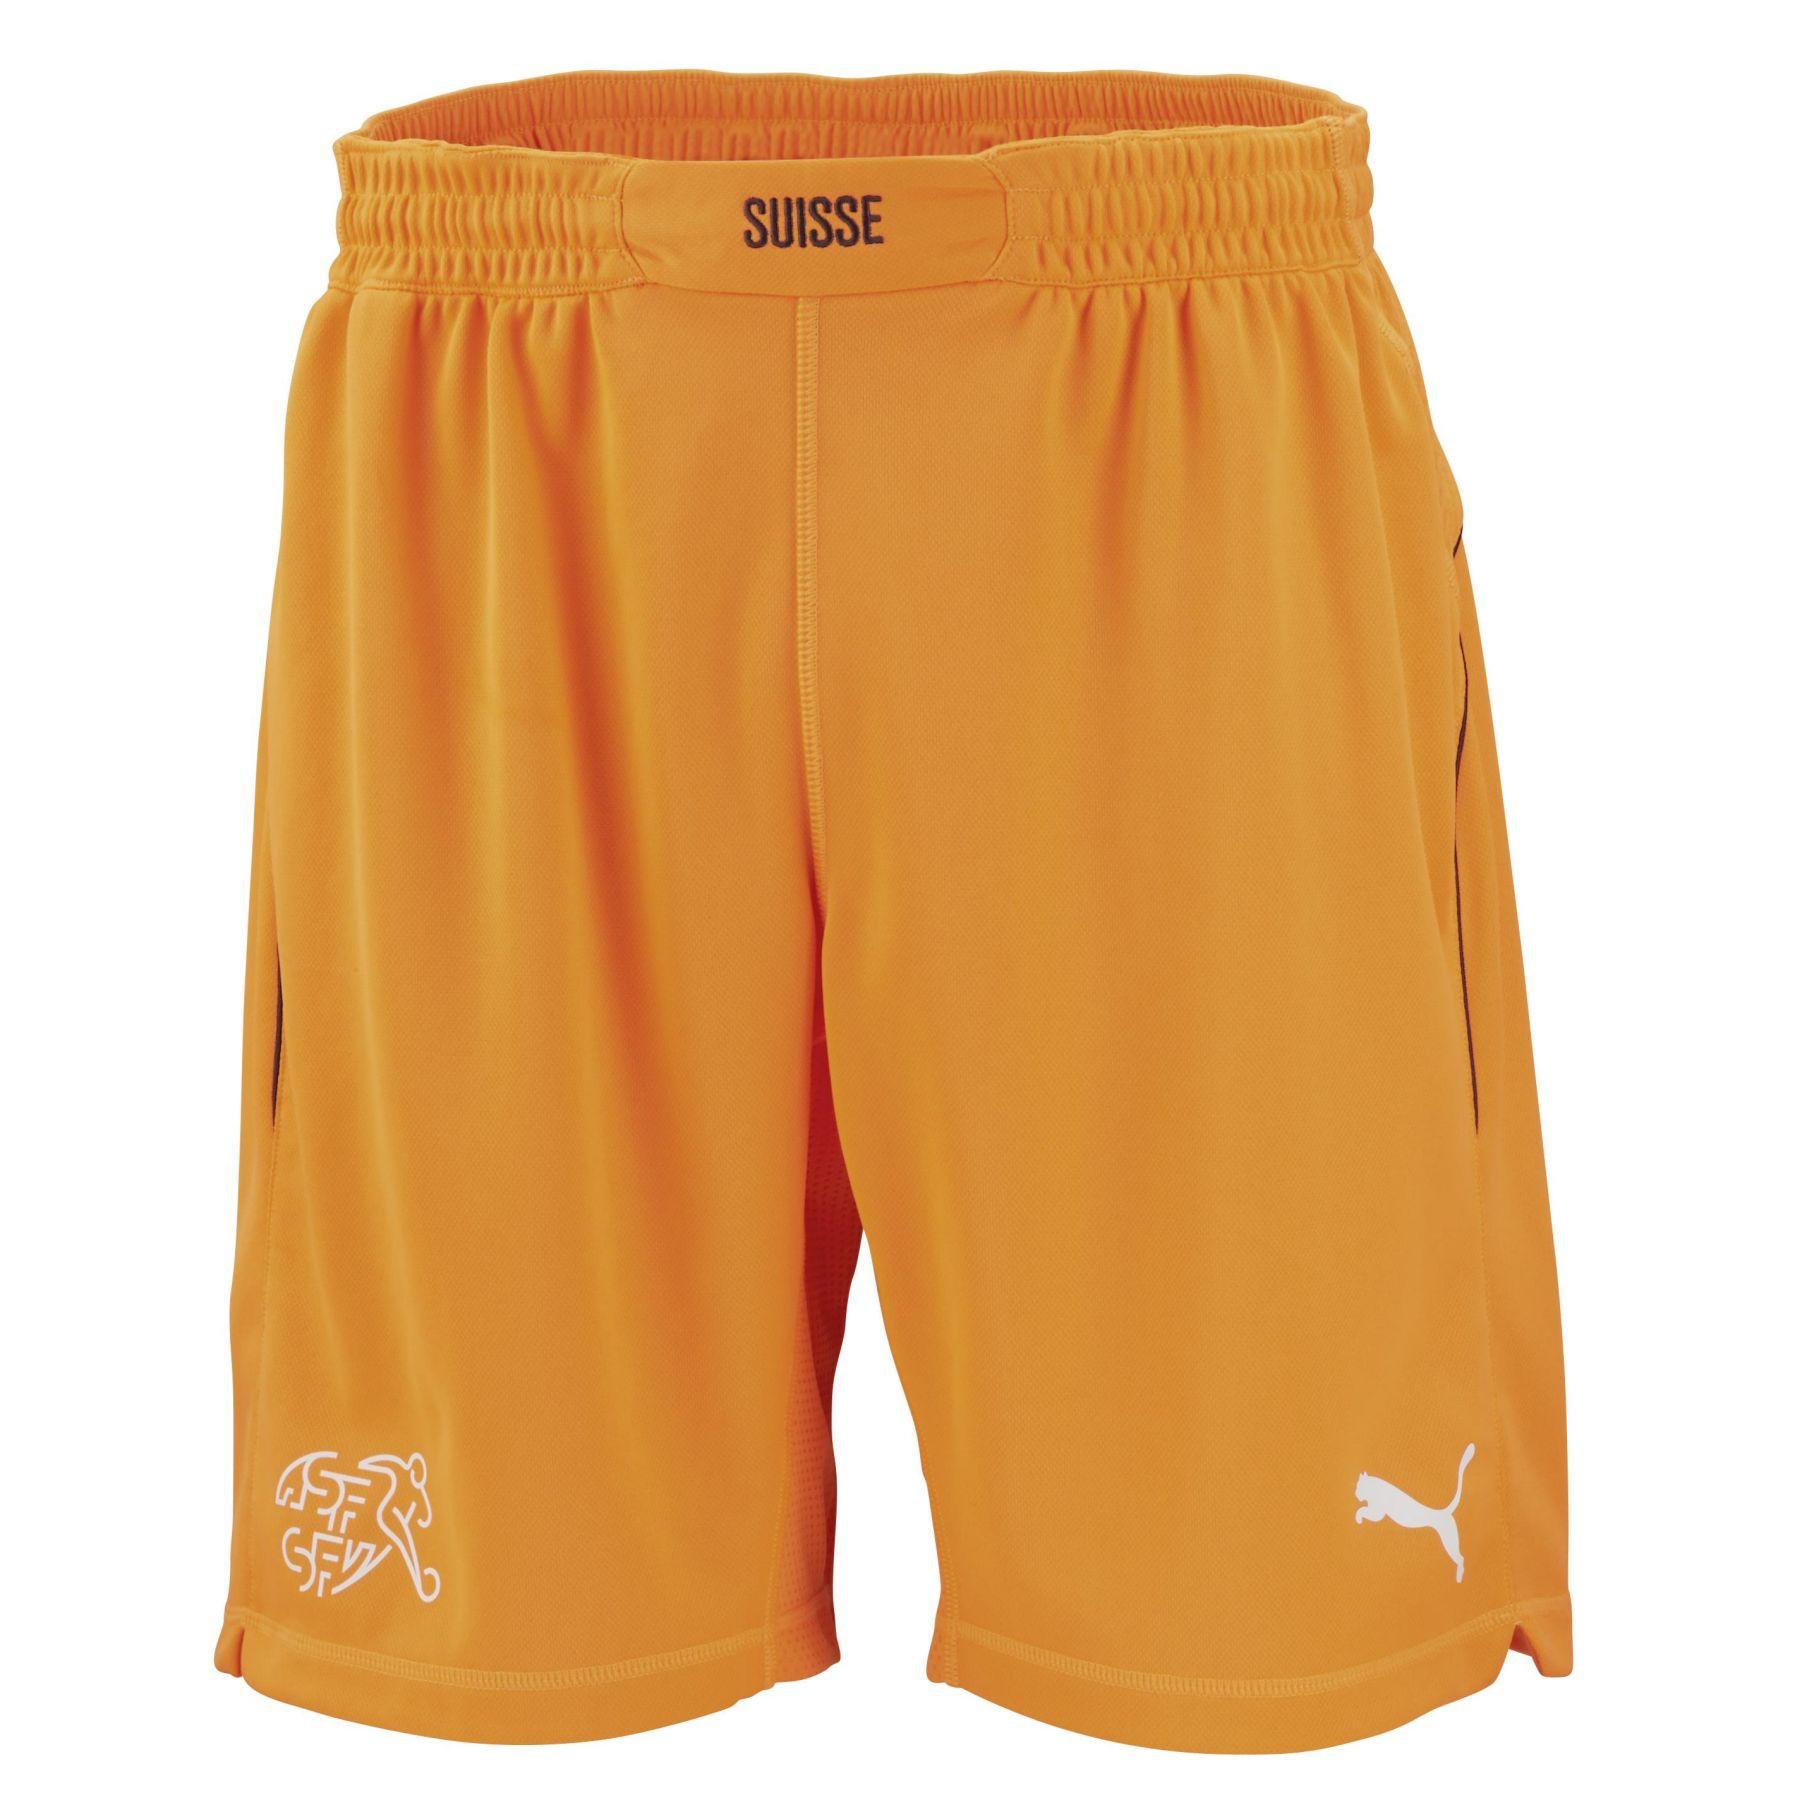 schweiz torwart wm shorts 2014 15 in orange